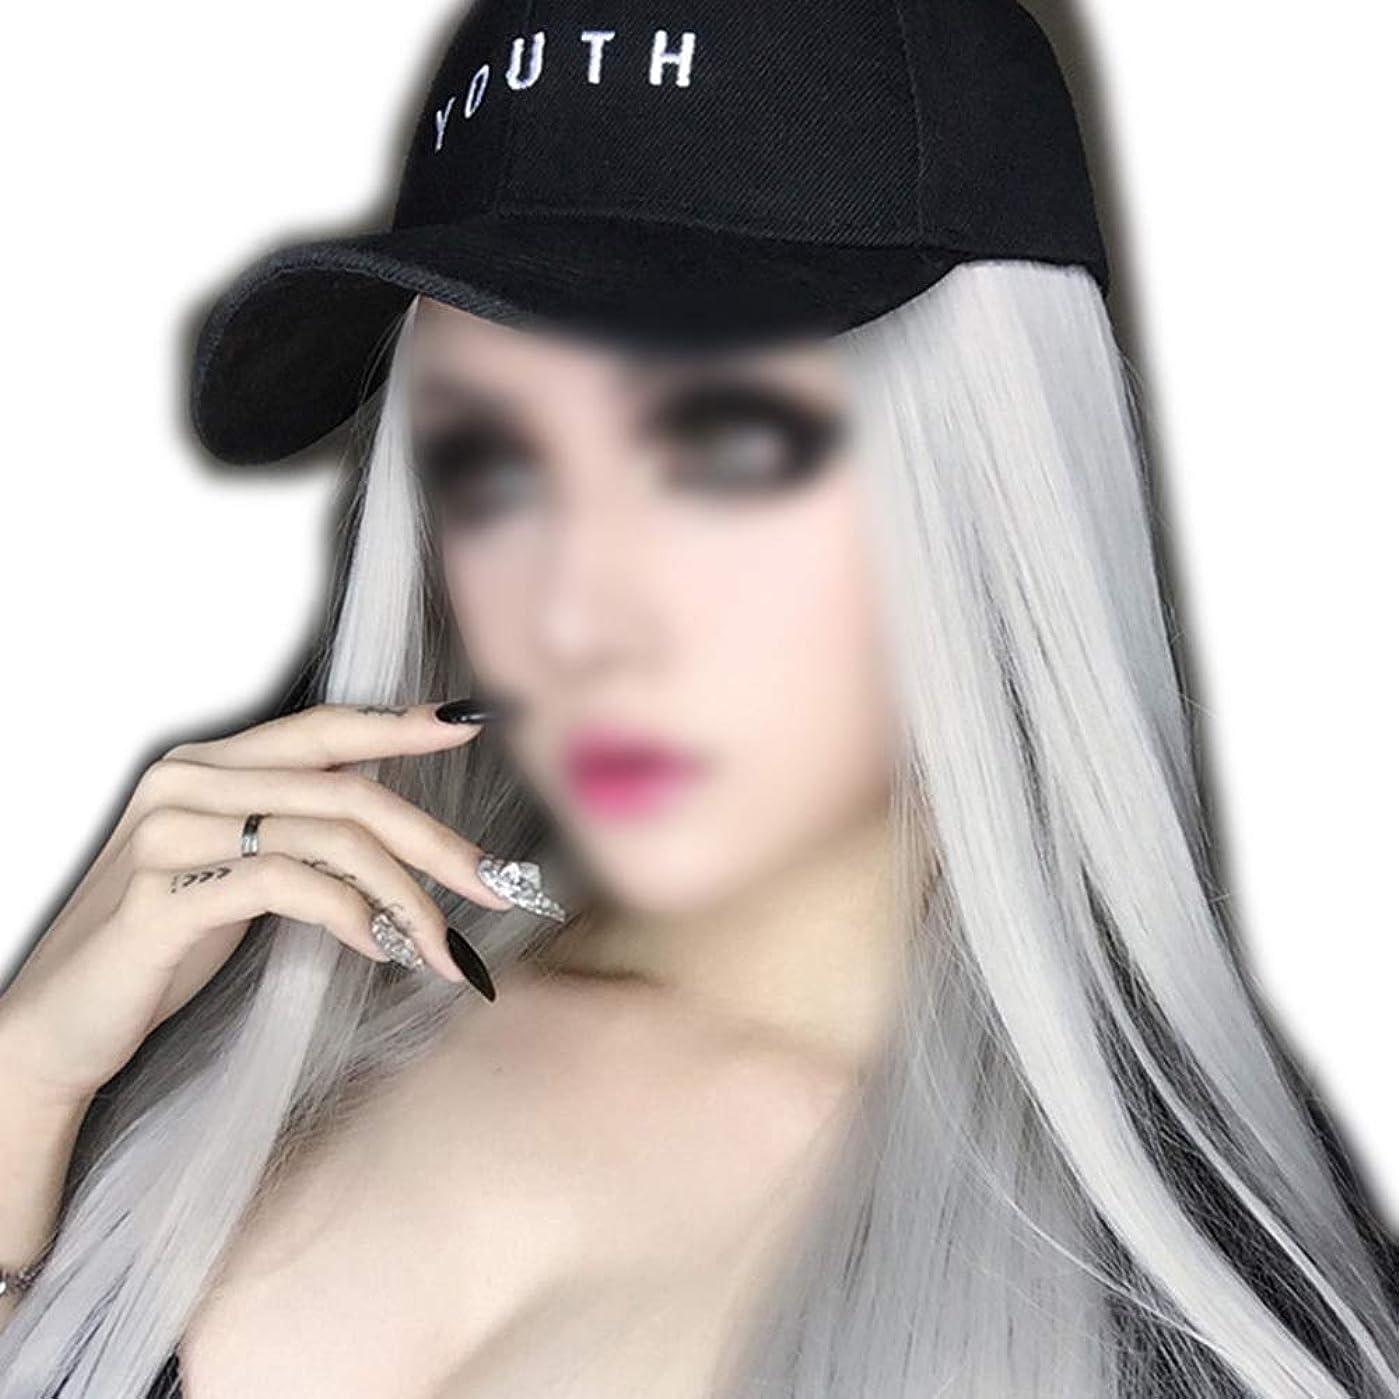 コレクション復讐加害者HOHYLLYA 女性のためのナチュラルストレートシルバーグレーロングウィッグソフト合成毛髪リアルな耐熱繊維パーティーウィッグ (色 : Silver gray, サイズ : 65cm)